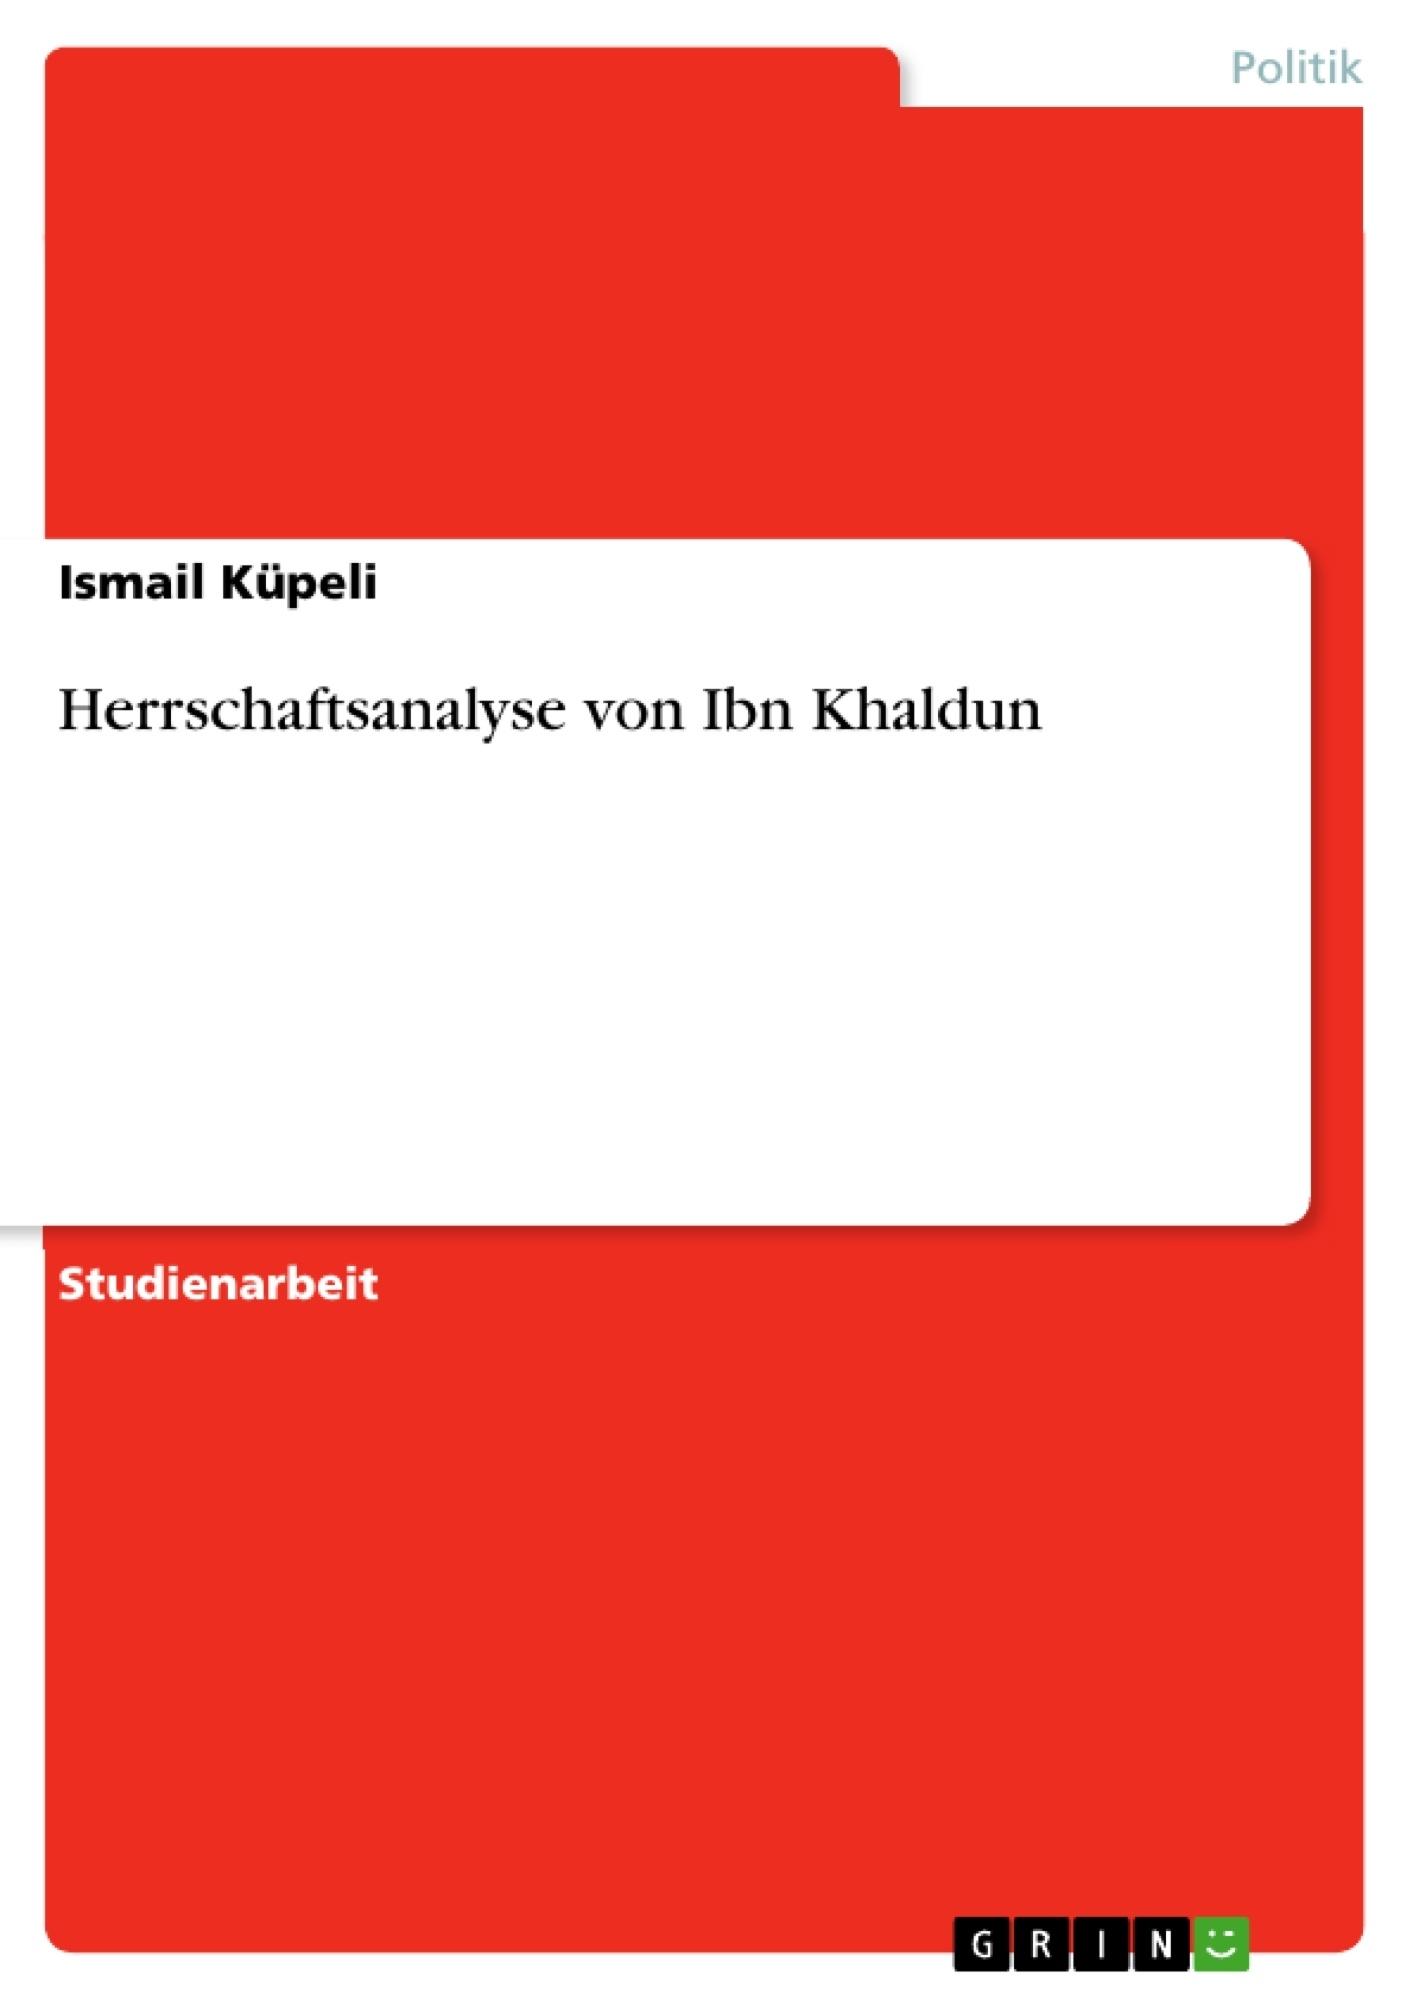 Titel: Herrschaftsanalyse von Ibn Khaldun